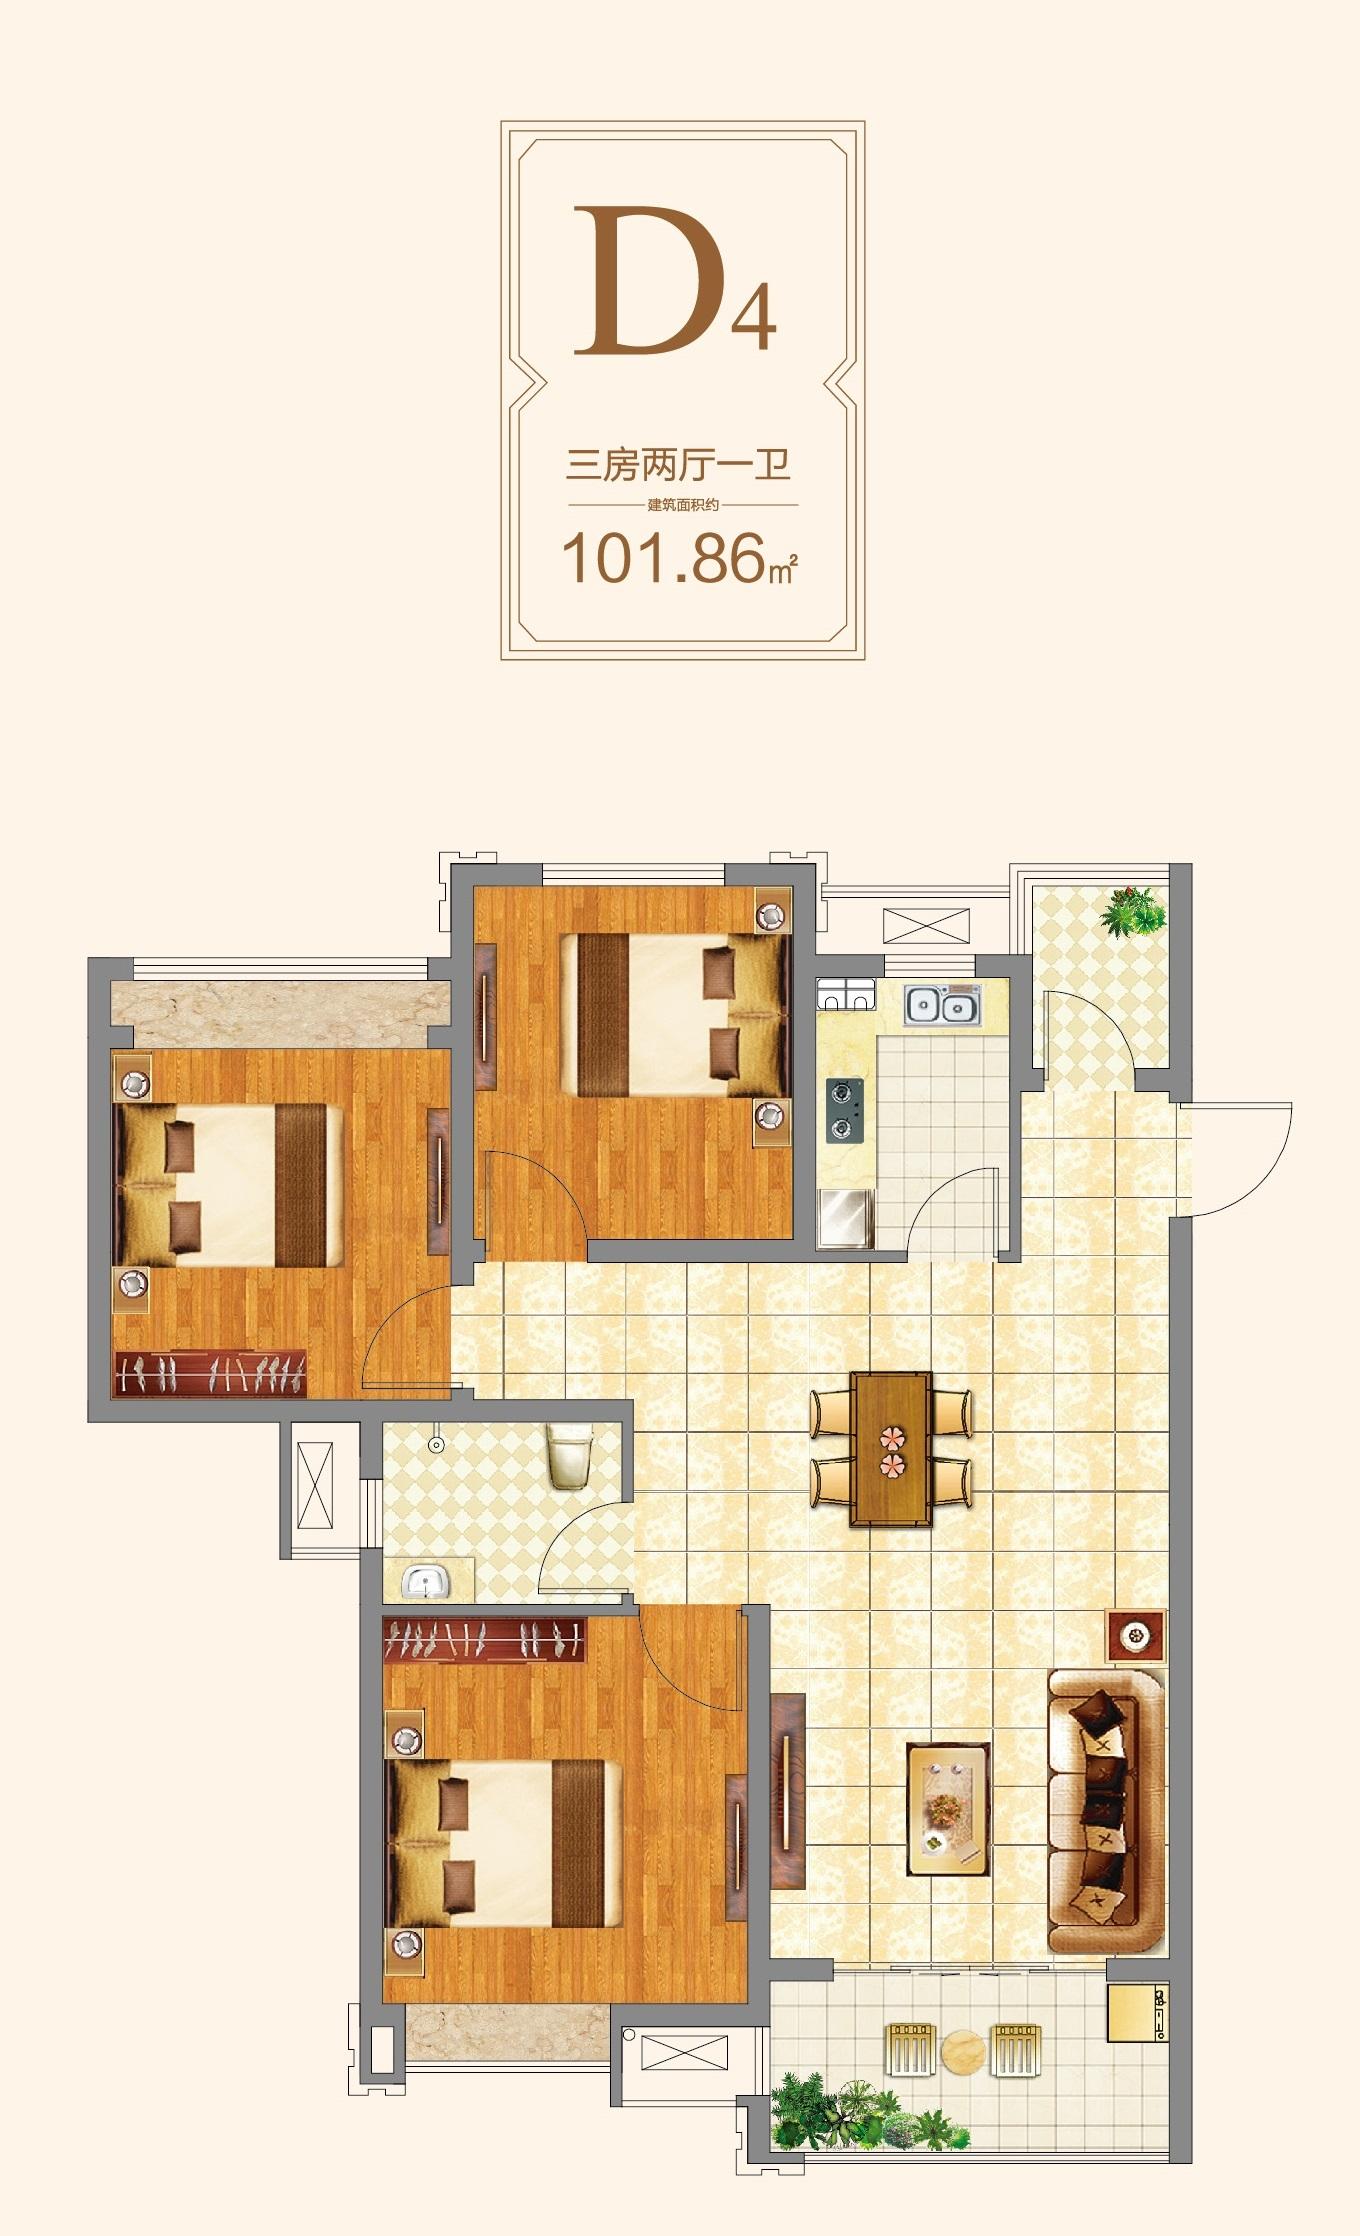 信德悦城D4户型图-101.86